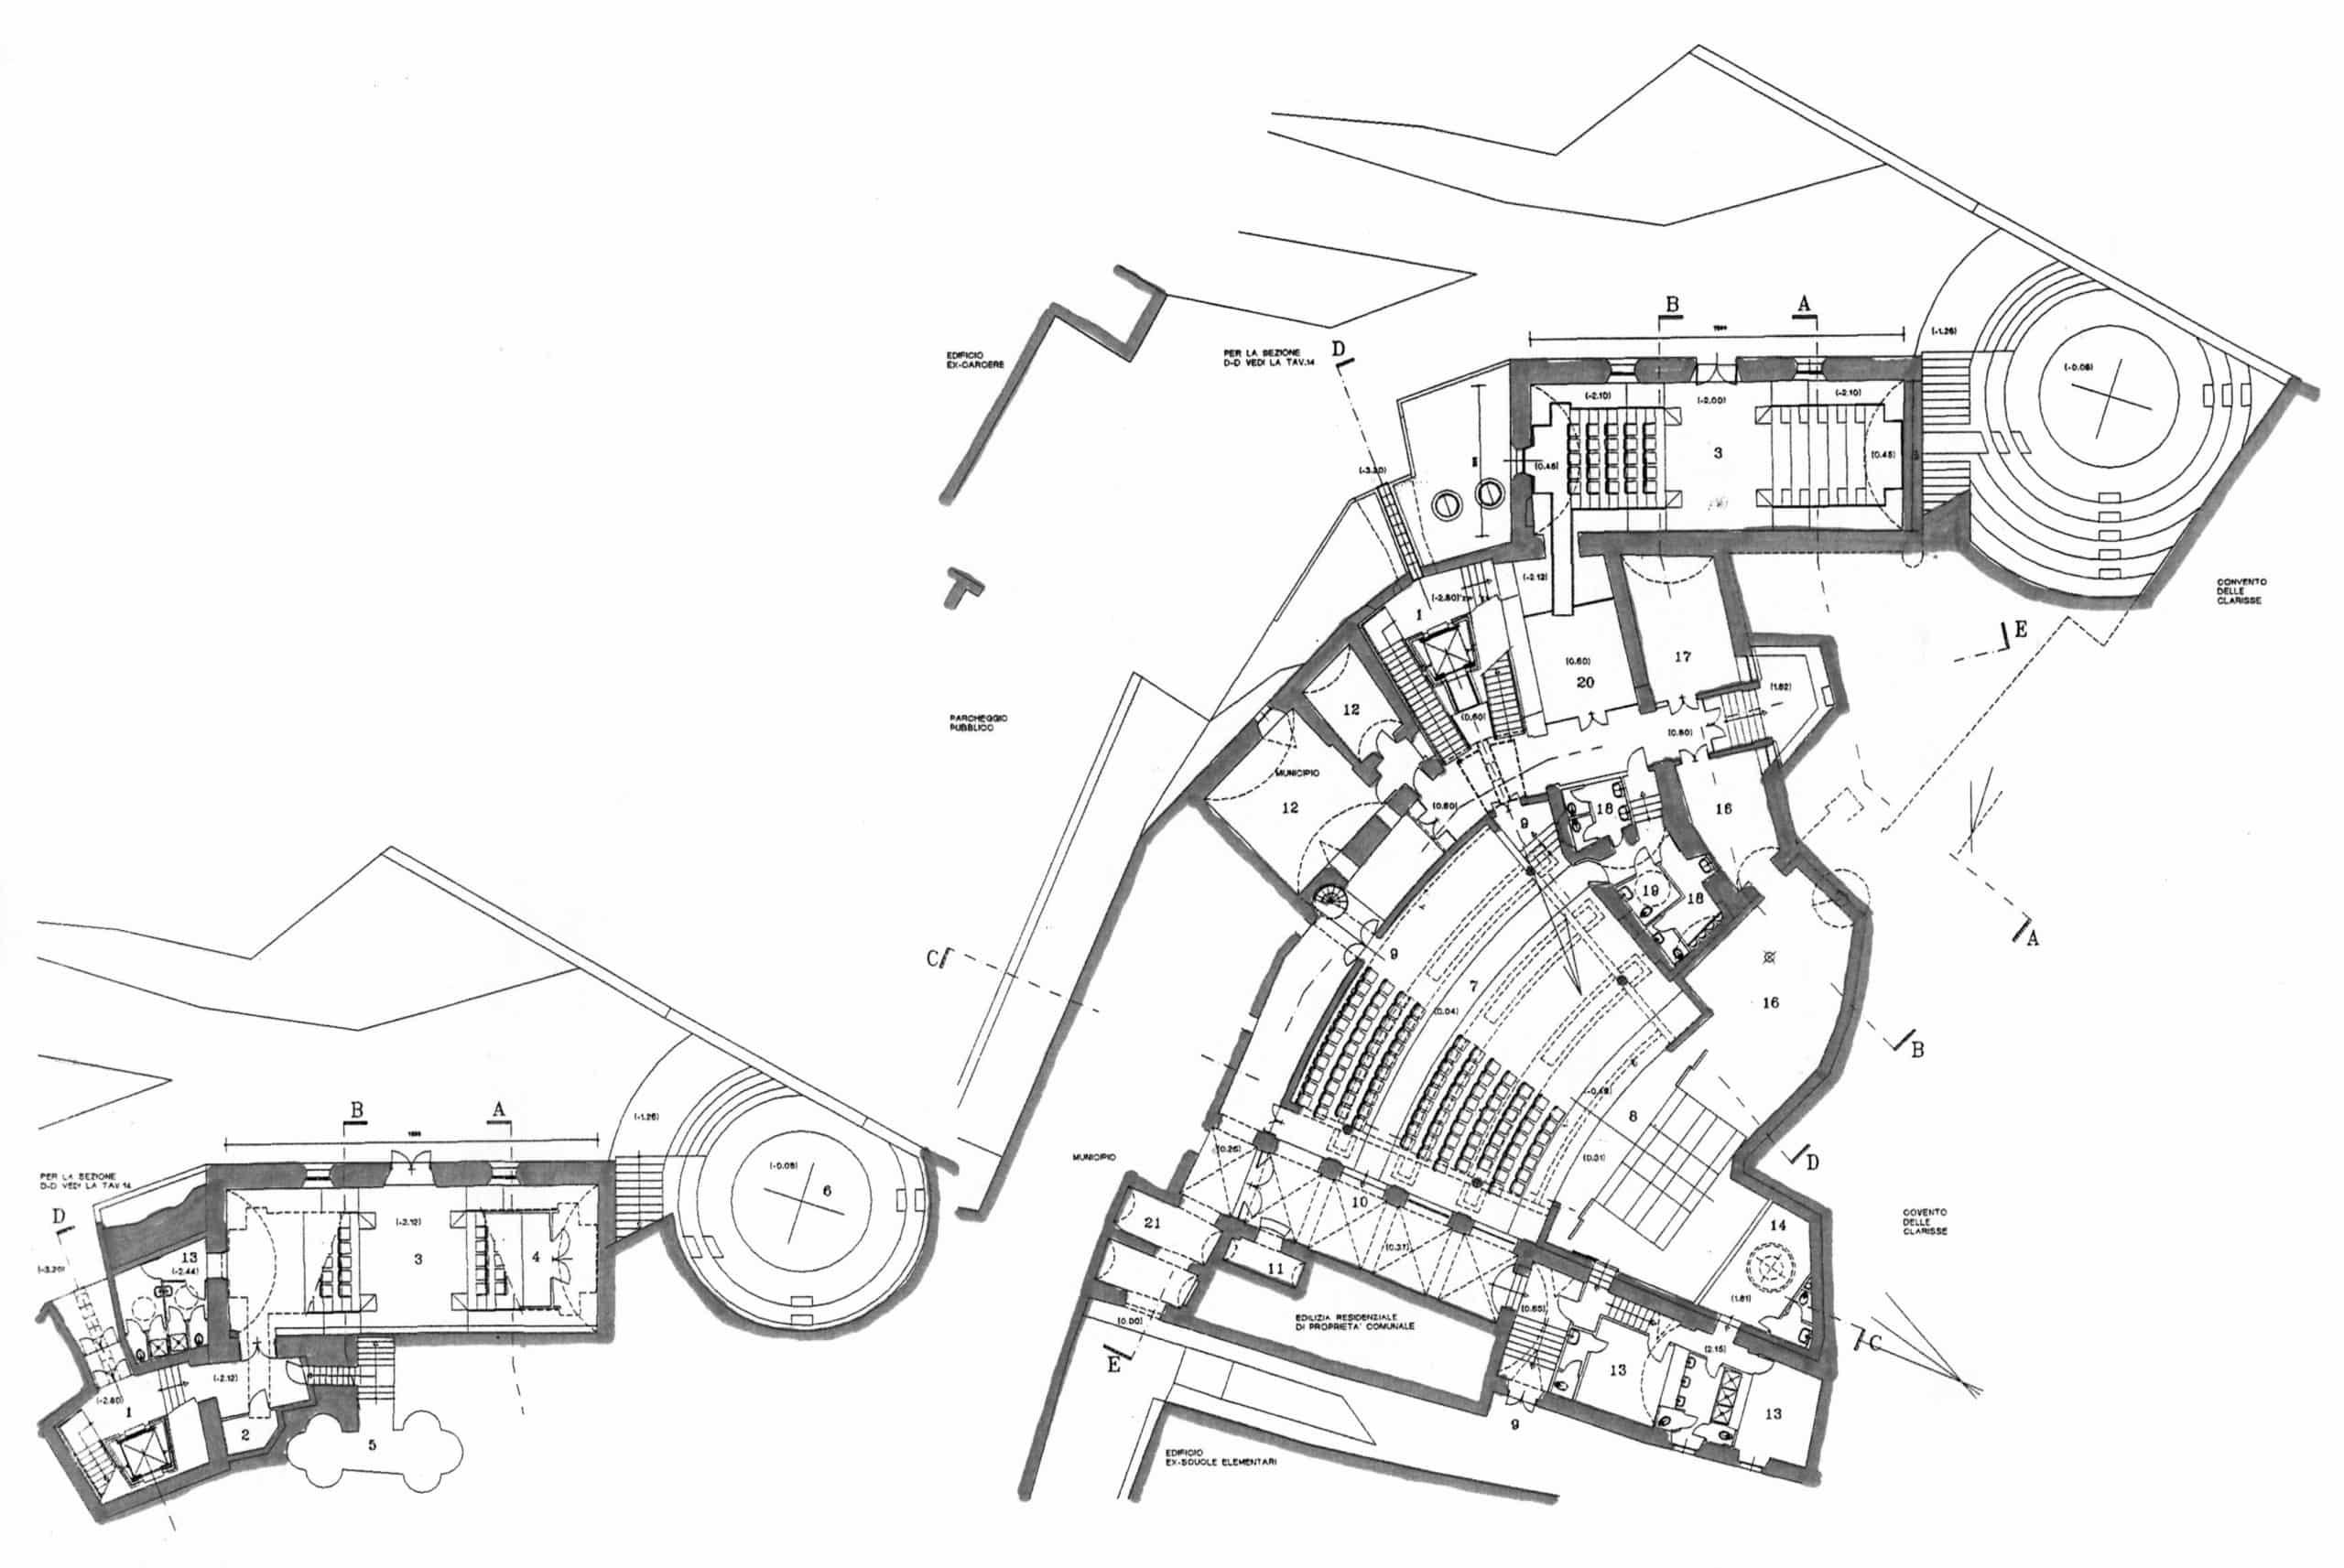 14 - Progetto per il recupero dell'ex teatro comunale da adibire a Centro di scienze teatrali applicate, Fara Sabina (RI) - Planimetria